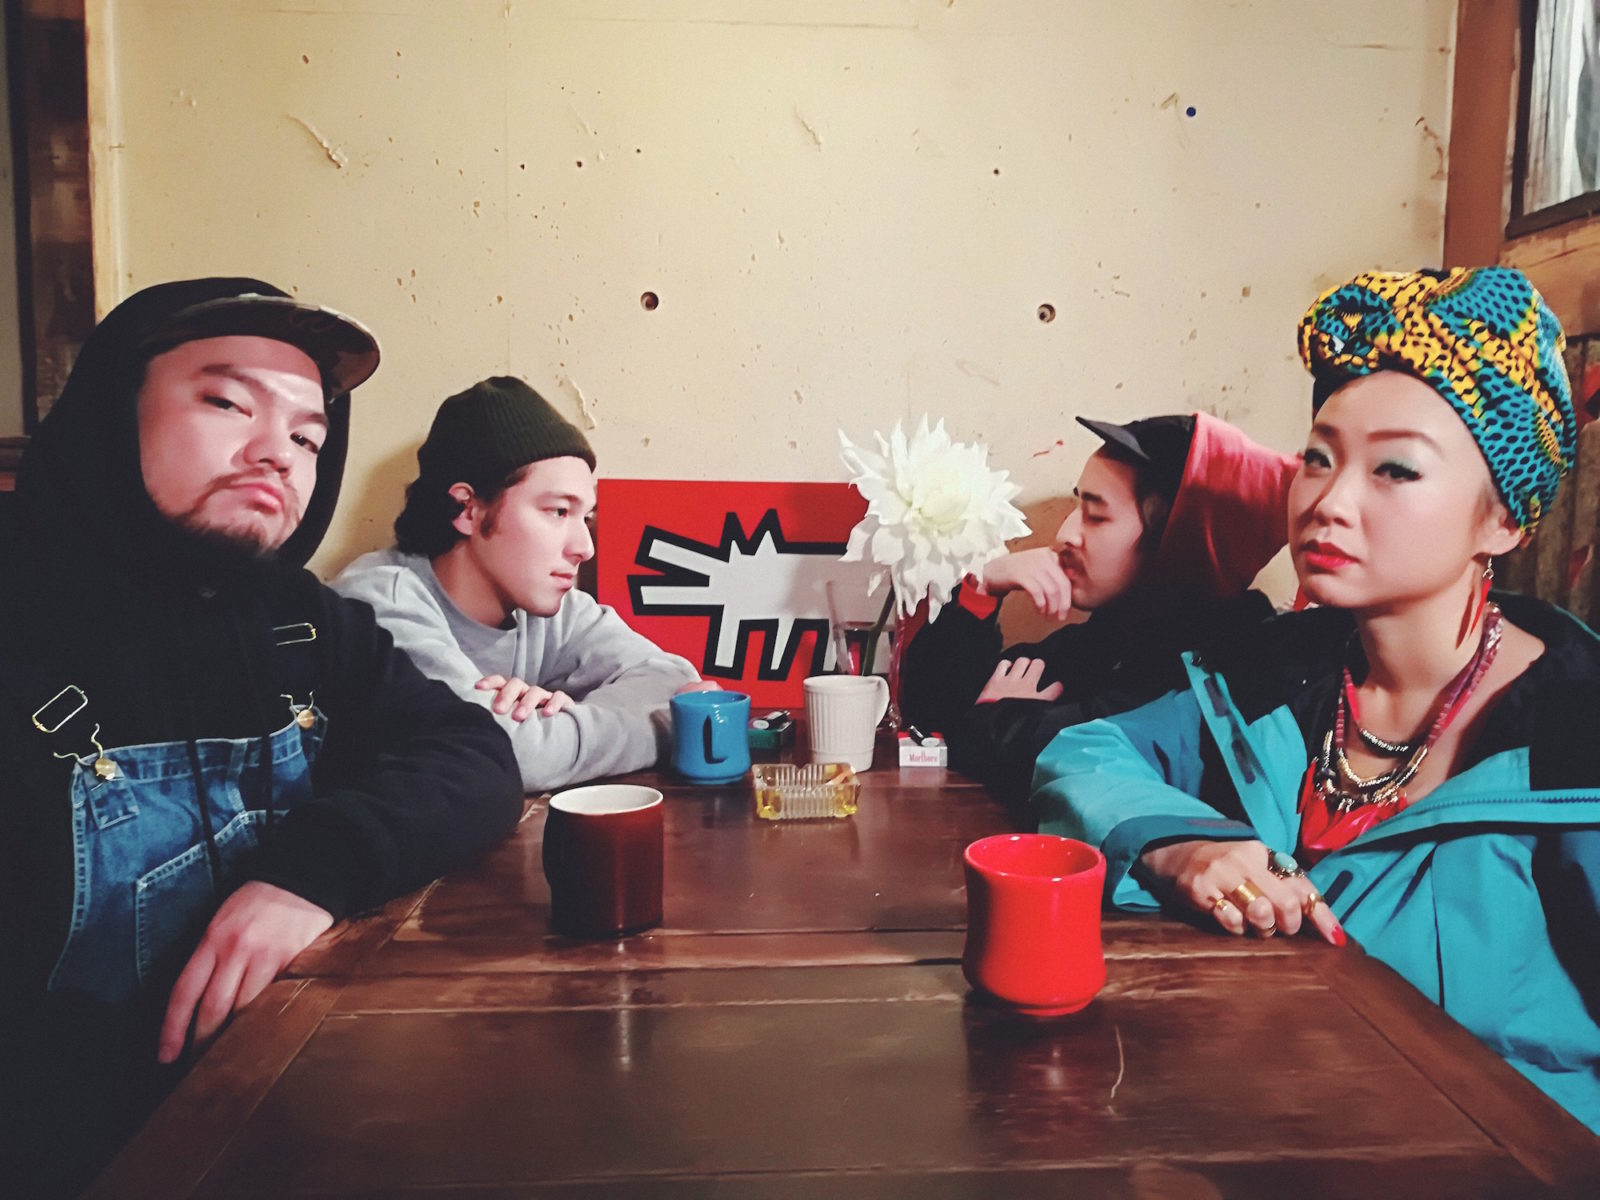 女性ラッパーCOMA-CHI、SANABAGUN.メンバーとコラボシングルを発表サムネイル画像